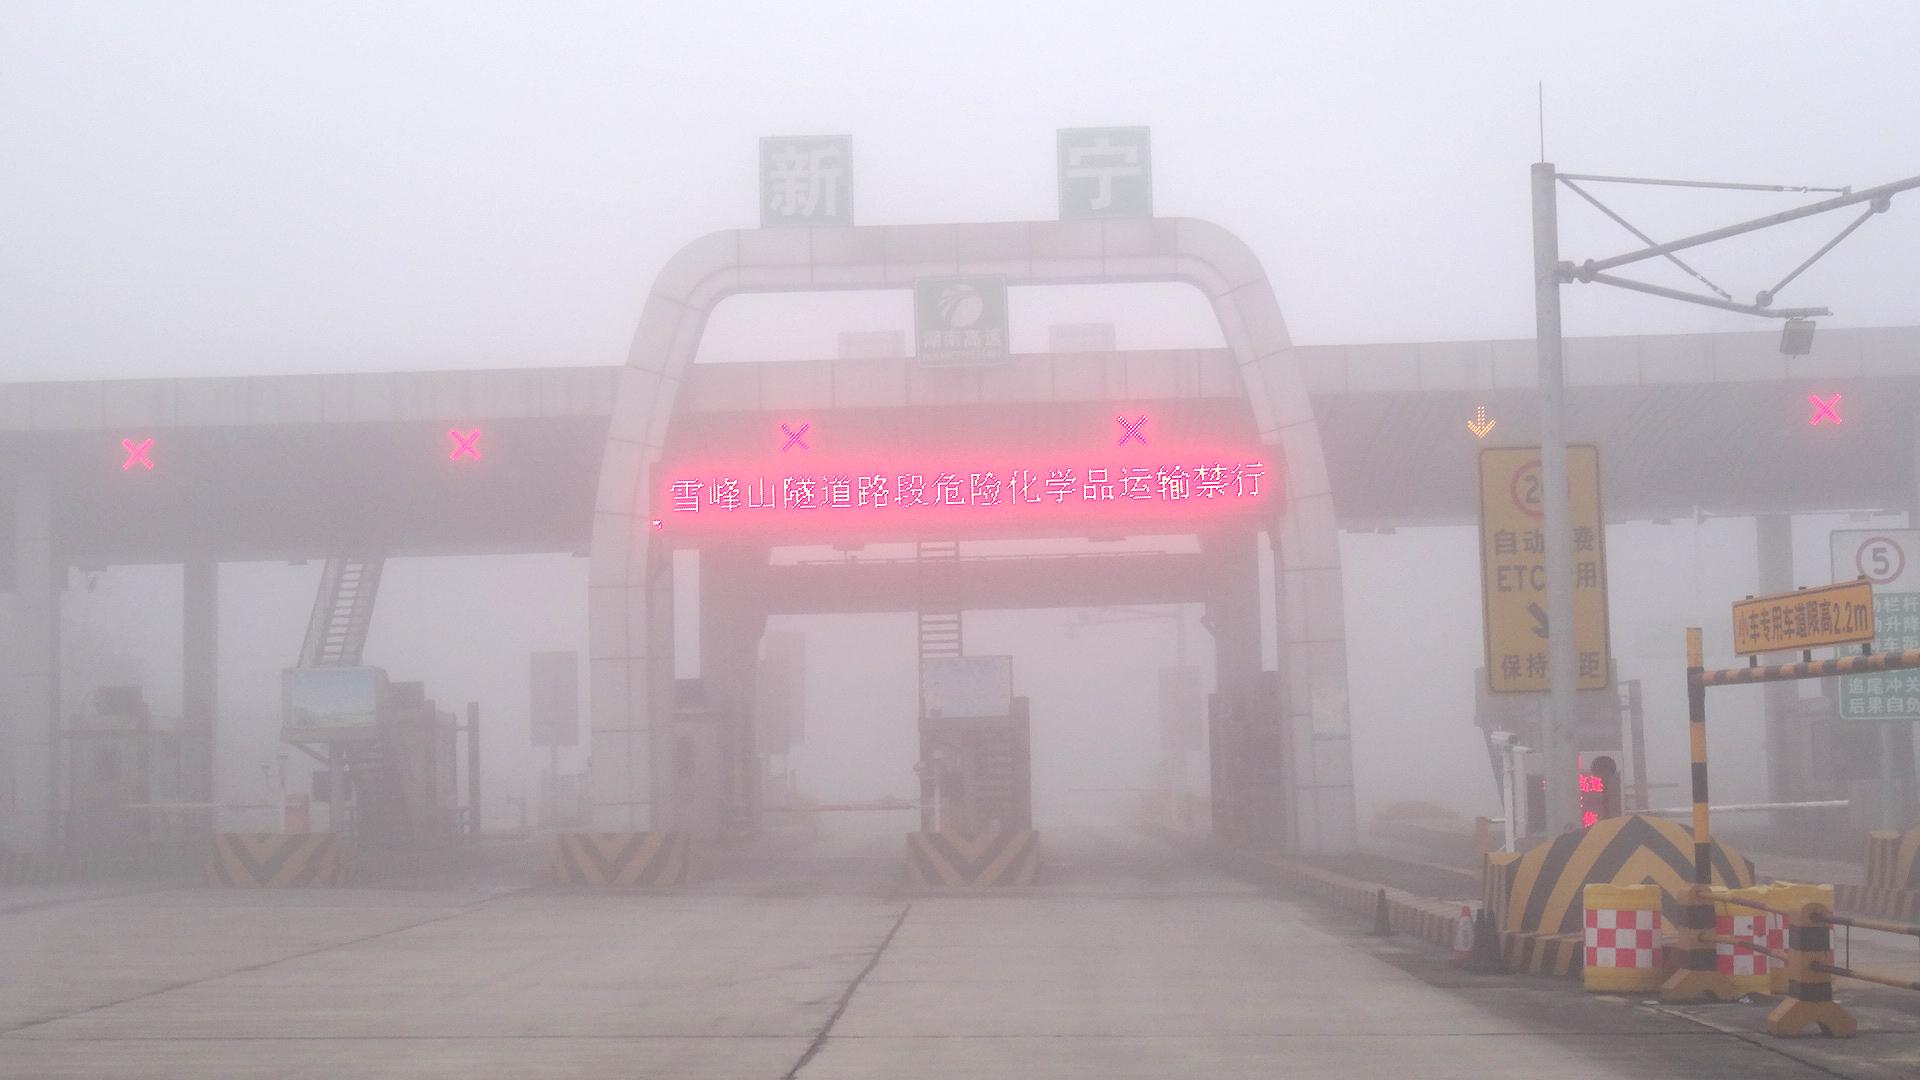 天寒大雾锁高速  真情热面暖人心